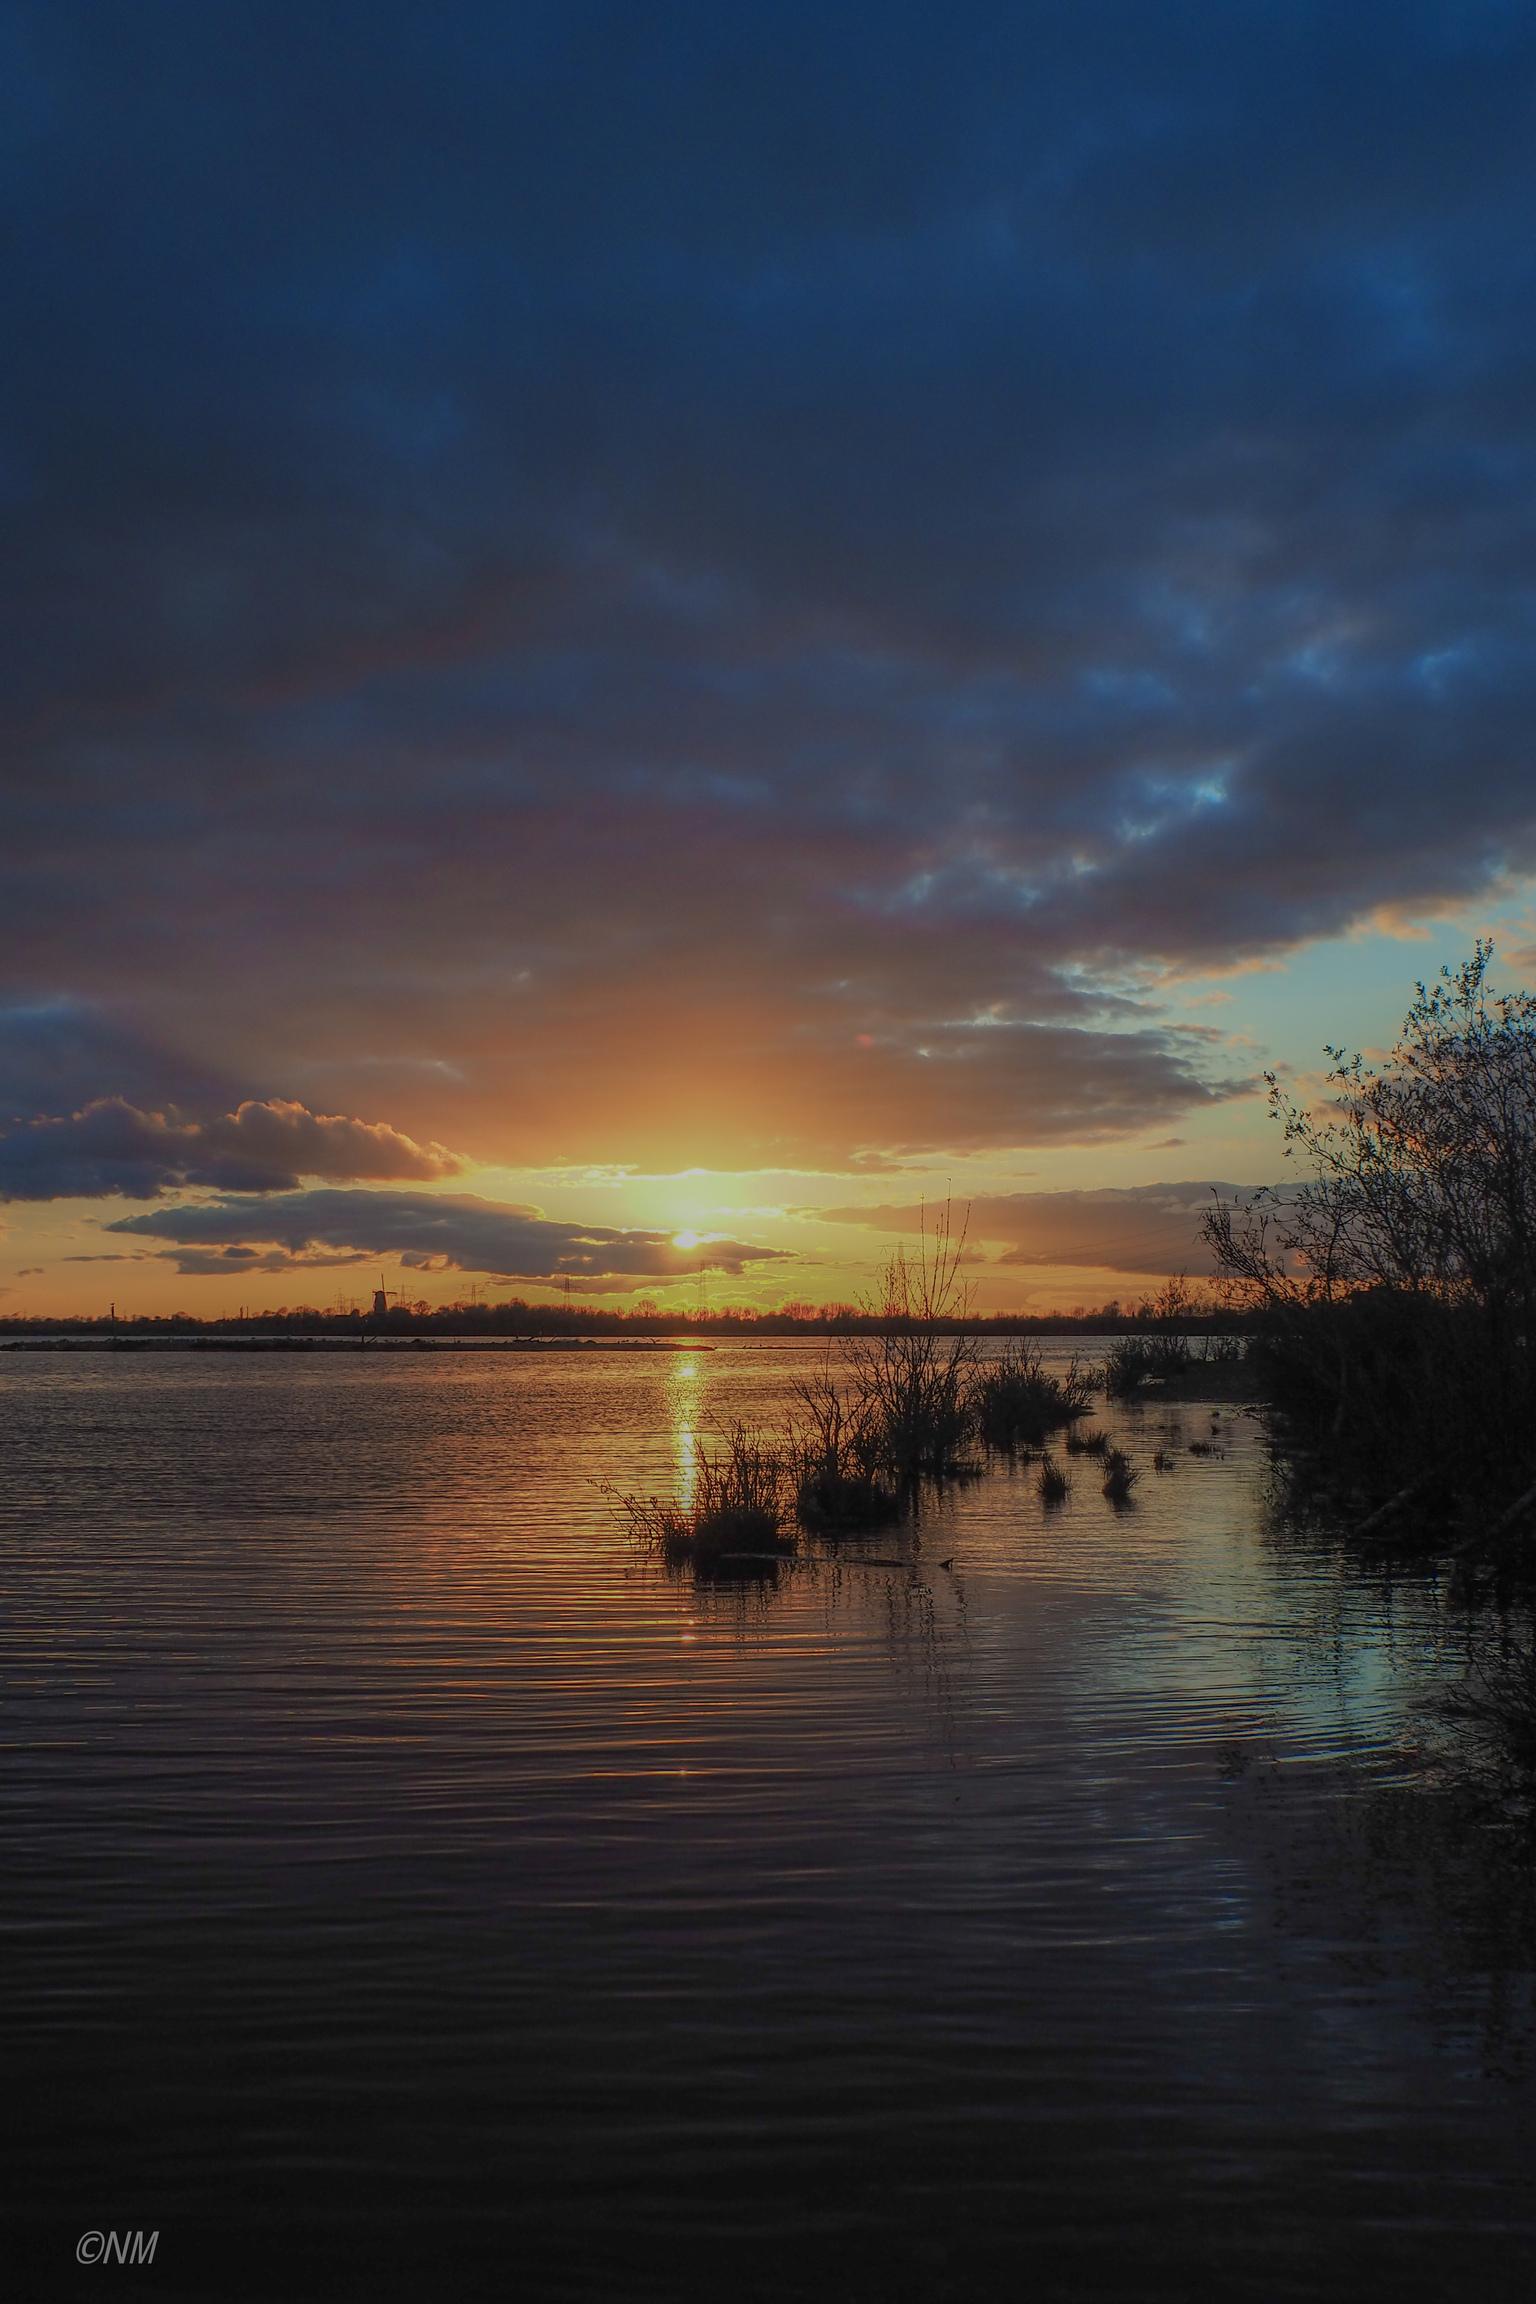 Zonsondergang - Mooie zonsondergang met donkere wolken - foto door Nancy72x op 16-04-2021 - locatie: 6051 Maasbracht, Nederland - deze foto bevat: wolk, water, lucht, nagloeien, natuurlijk landschap, meer, boom, rode lucht 's ochtends, bank, zonsondergang